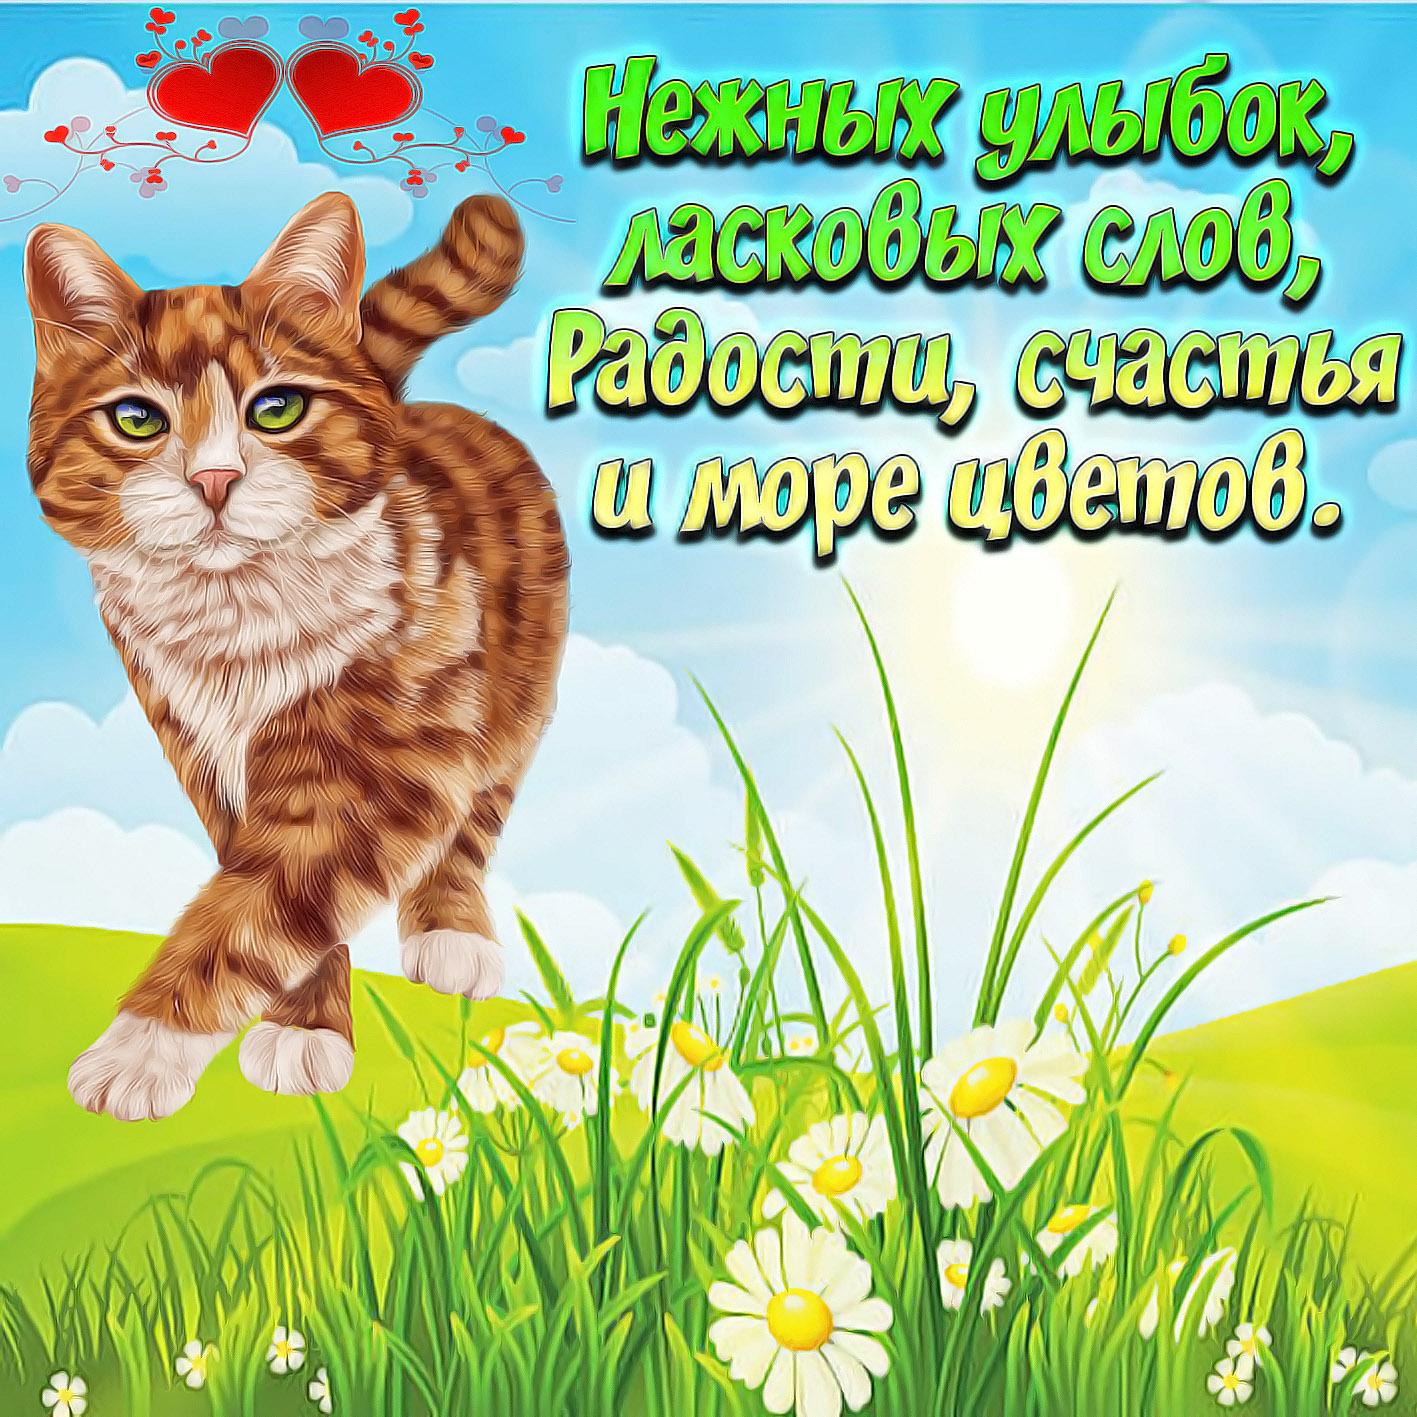 Картинка с рыжим котом и пожеланием